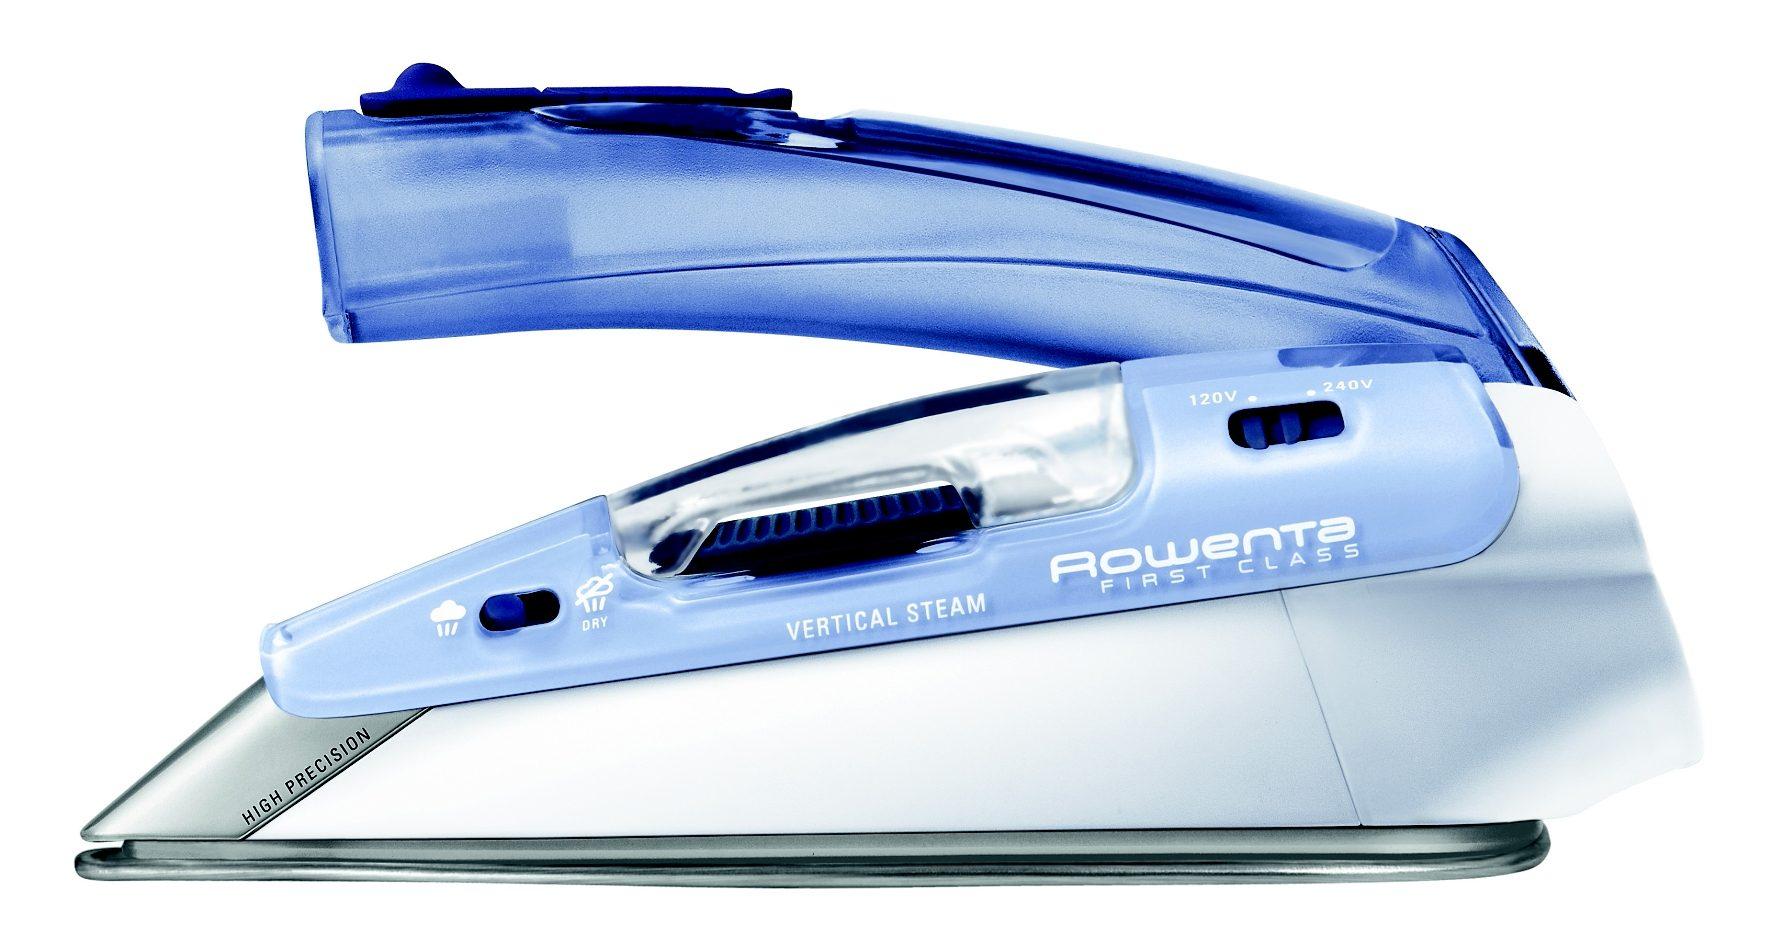 Rowenta Reise-Dampfbügeleisen DA1510 mit Dampffunktion, 1000 Watt | Flur & Diele > Haushaltsgeräte > Bügeleisen | Blau | ROWENTA